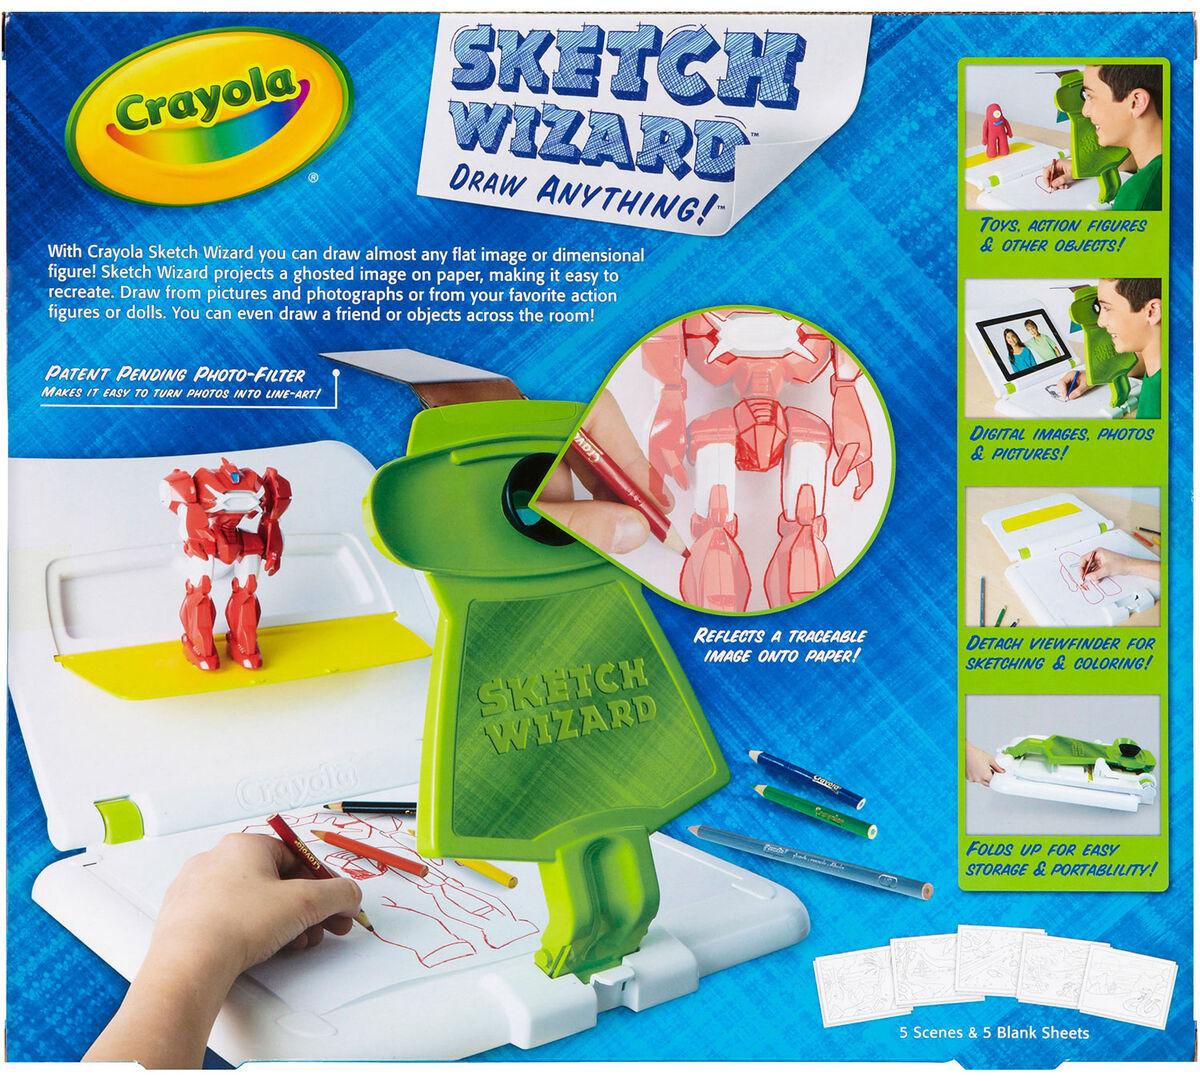 Sketch Wizard Crayola